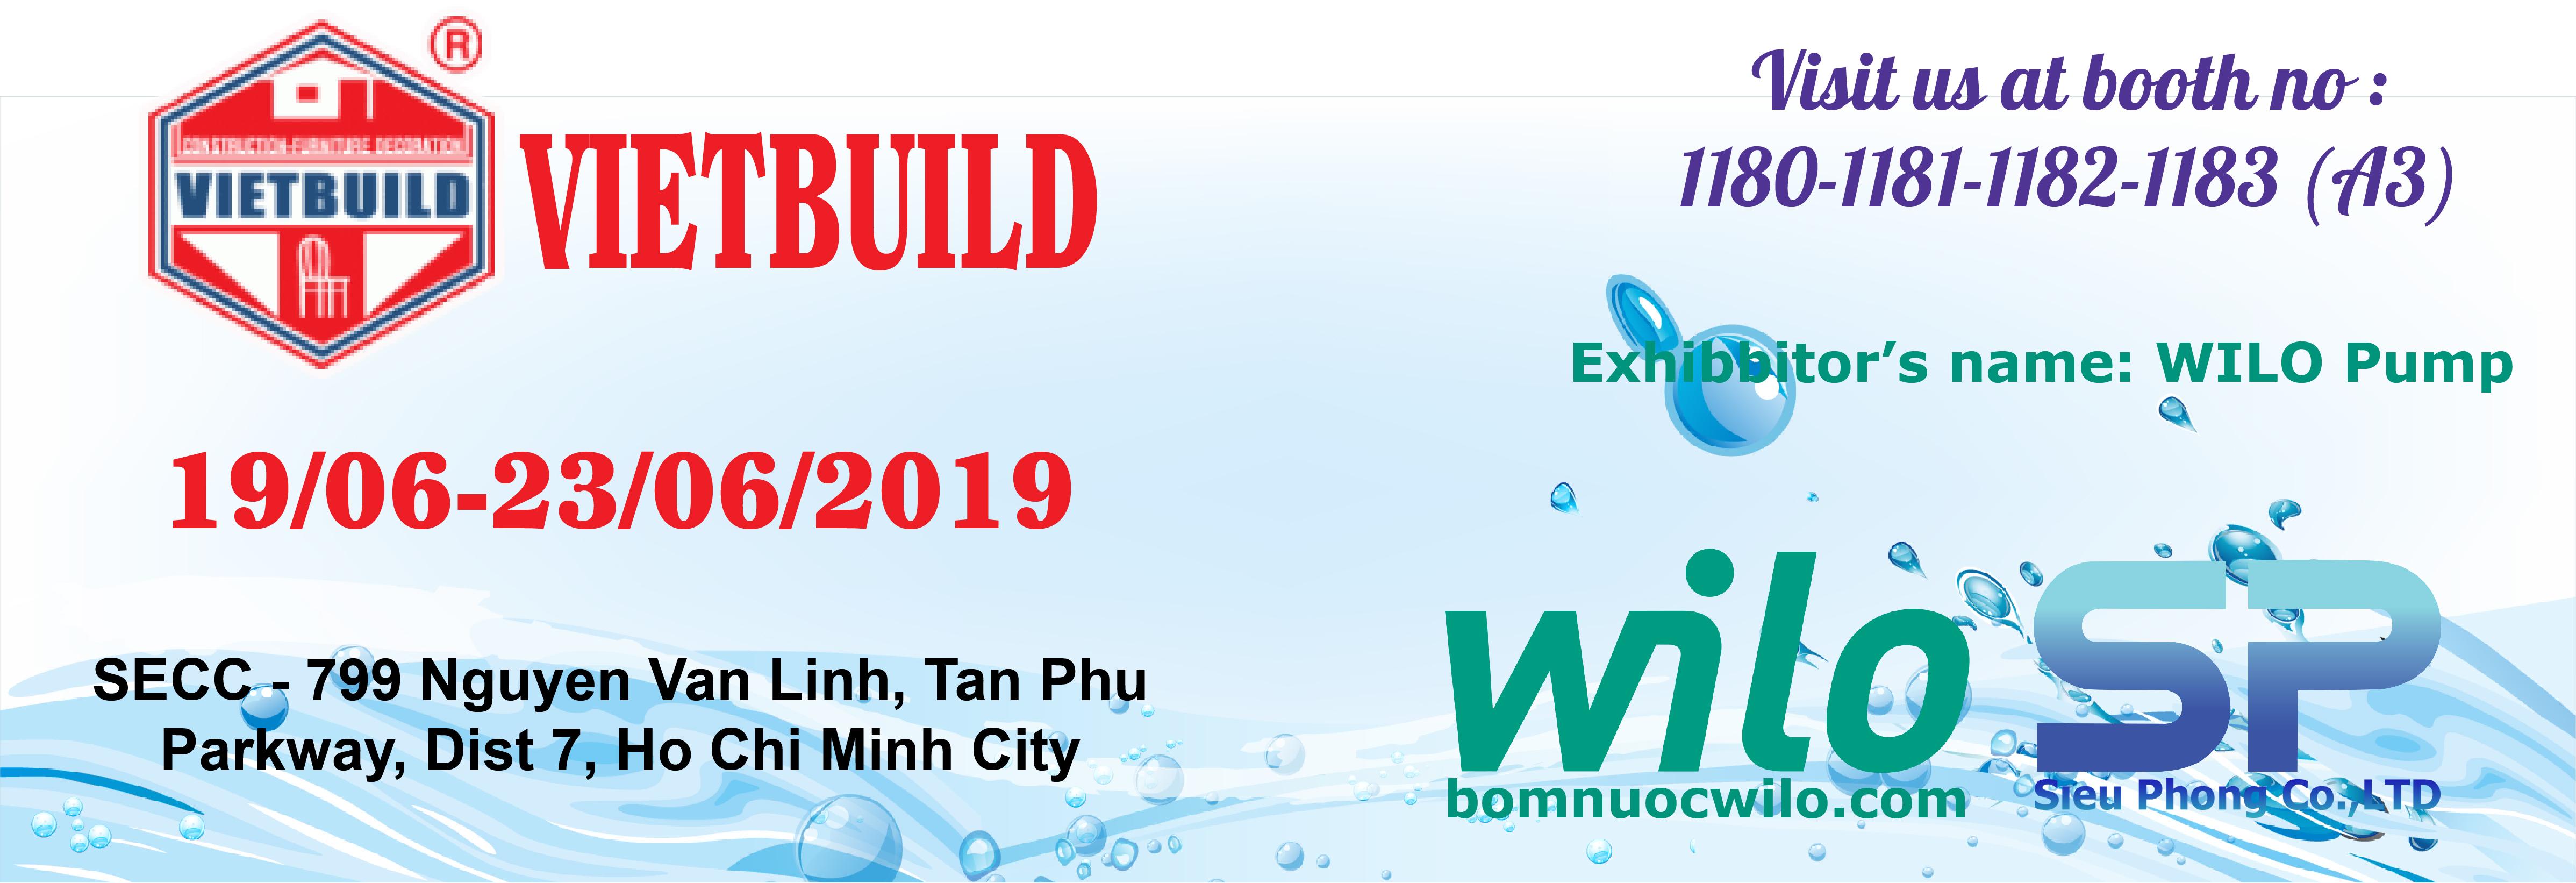 Siêu Phong tiếp tục tham gia hội chợ Vietbuild năm 2019